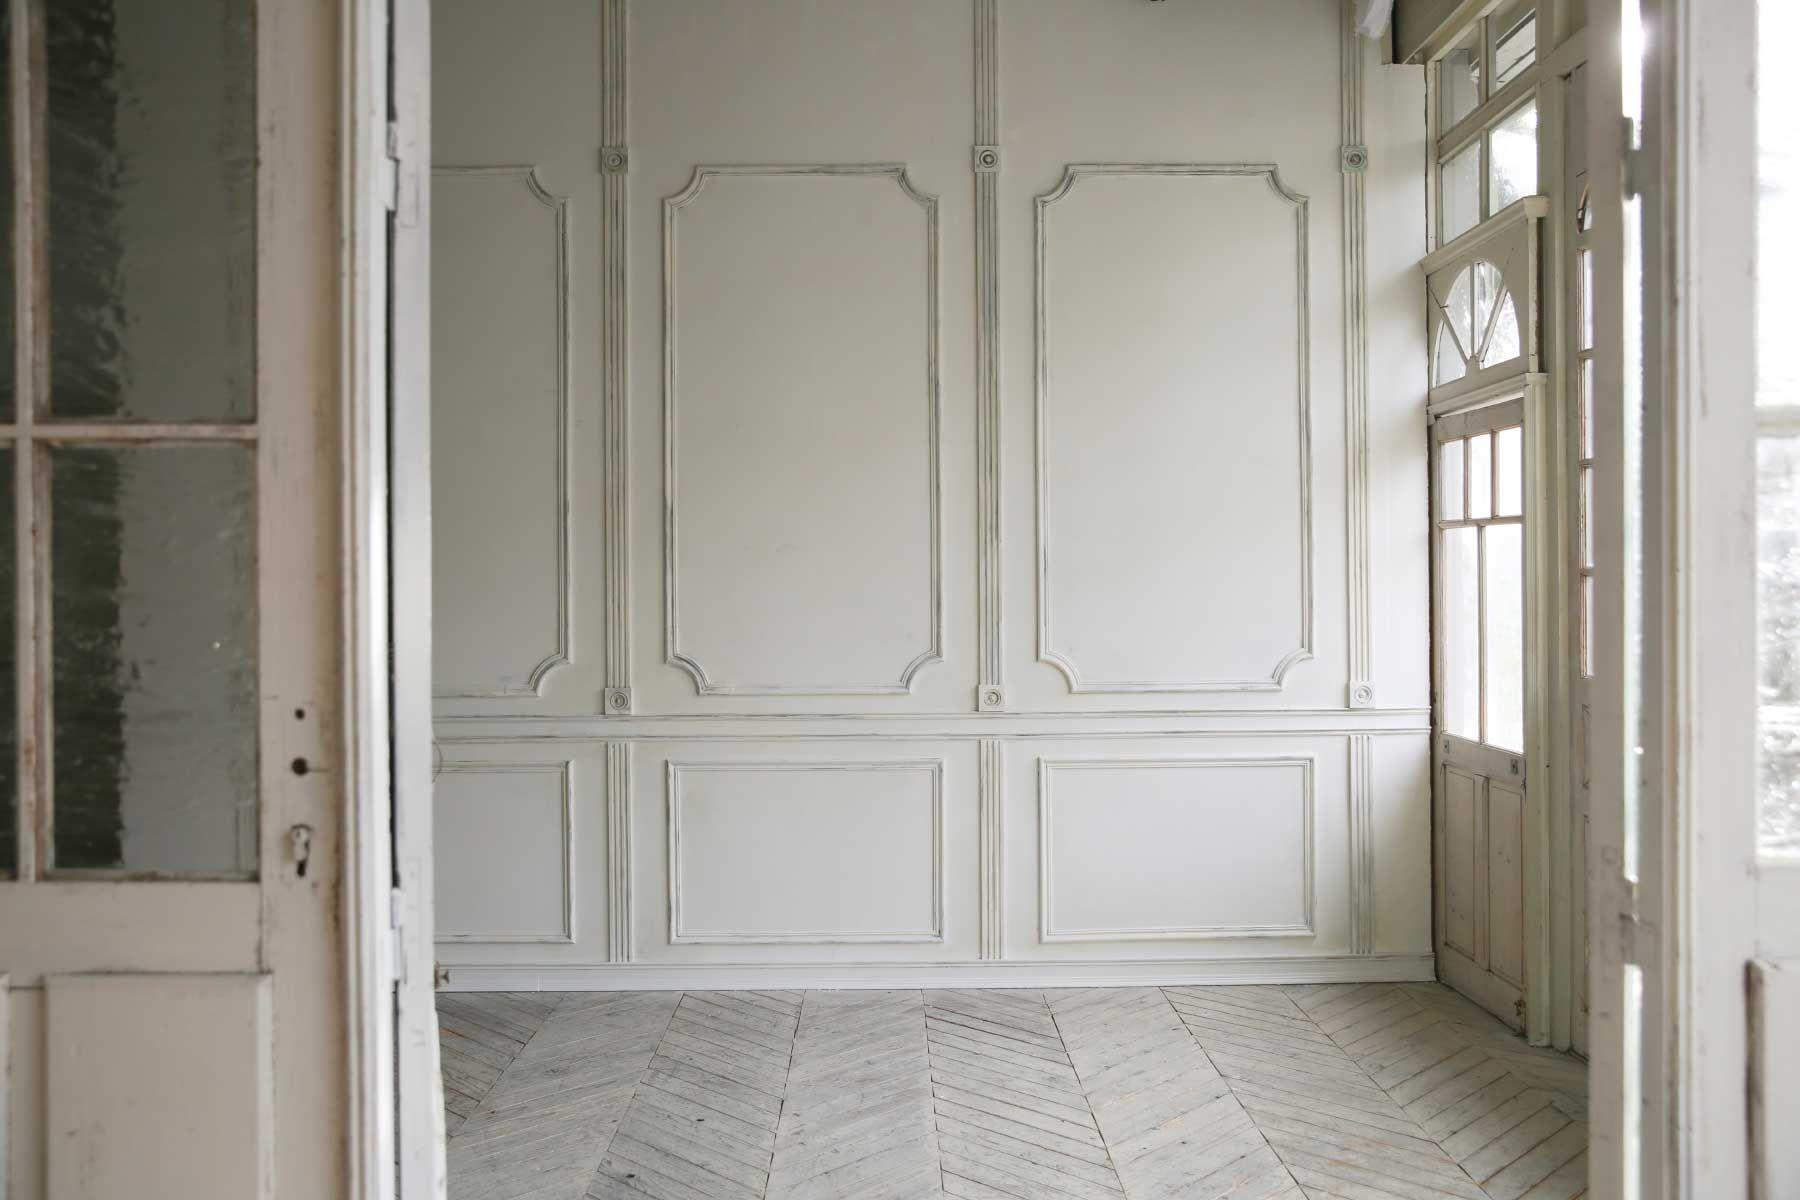 studio itto 目黒碑文谷1Fst (スタジオ イット)印象的なミントグリーンの扉